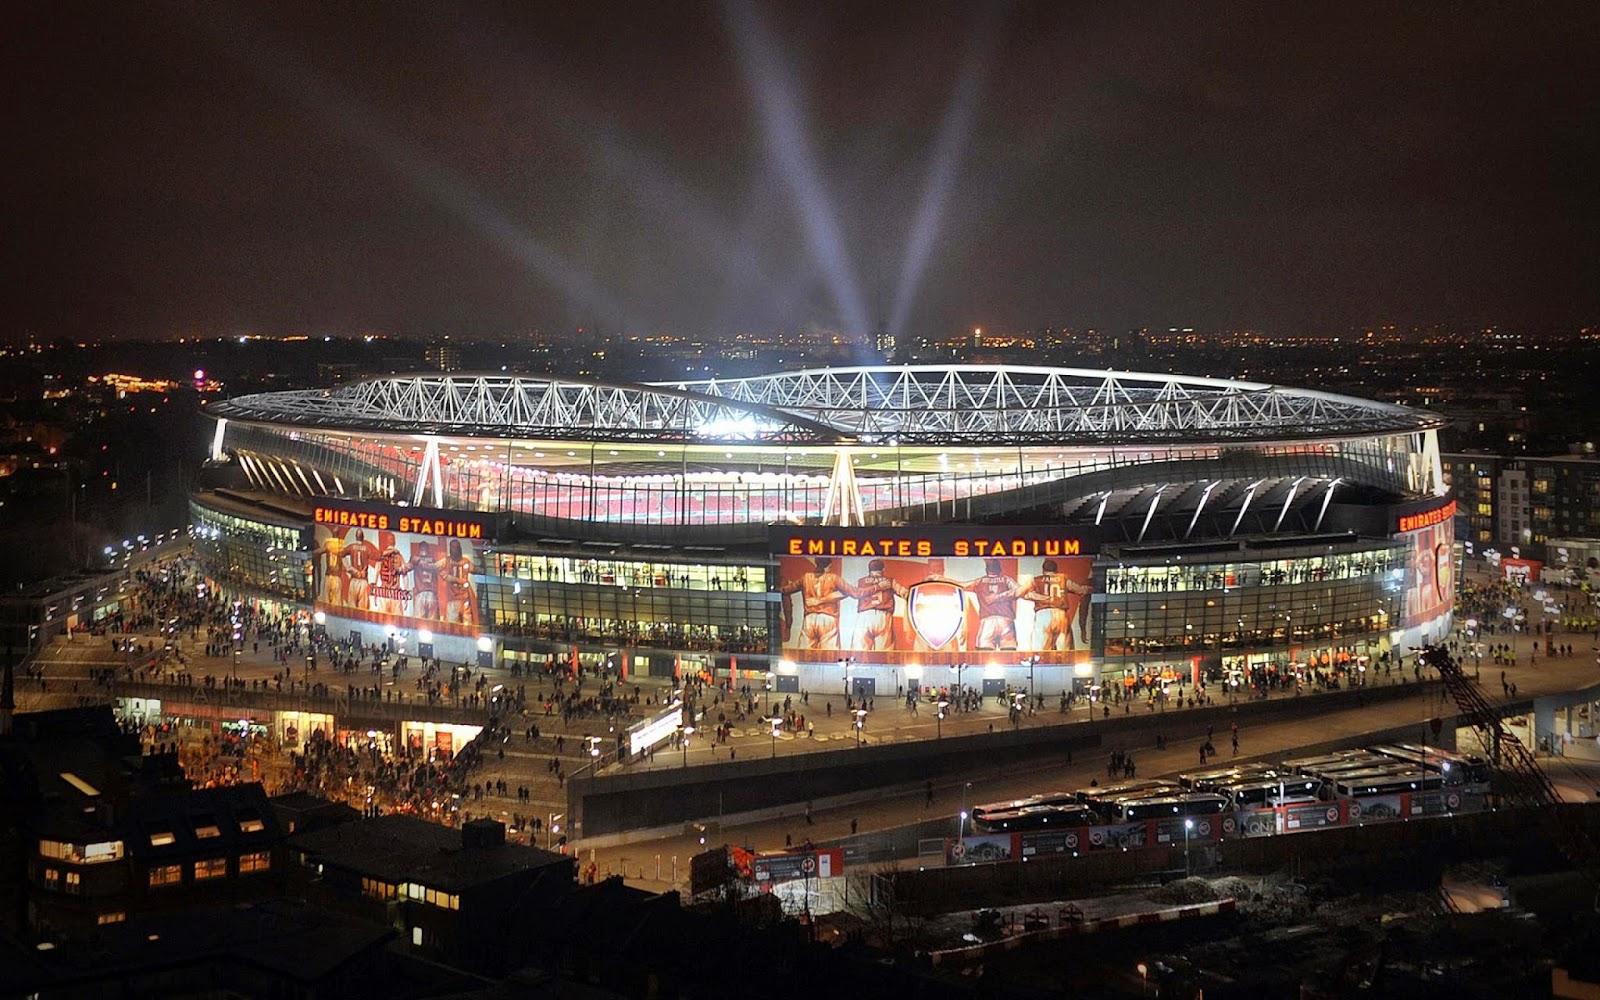 Tottenham Wallpaper Iphone 6 Arsenal Football Club Wallpaper Football Wallpaper Hd